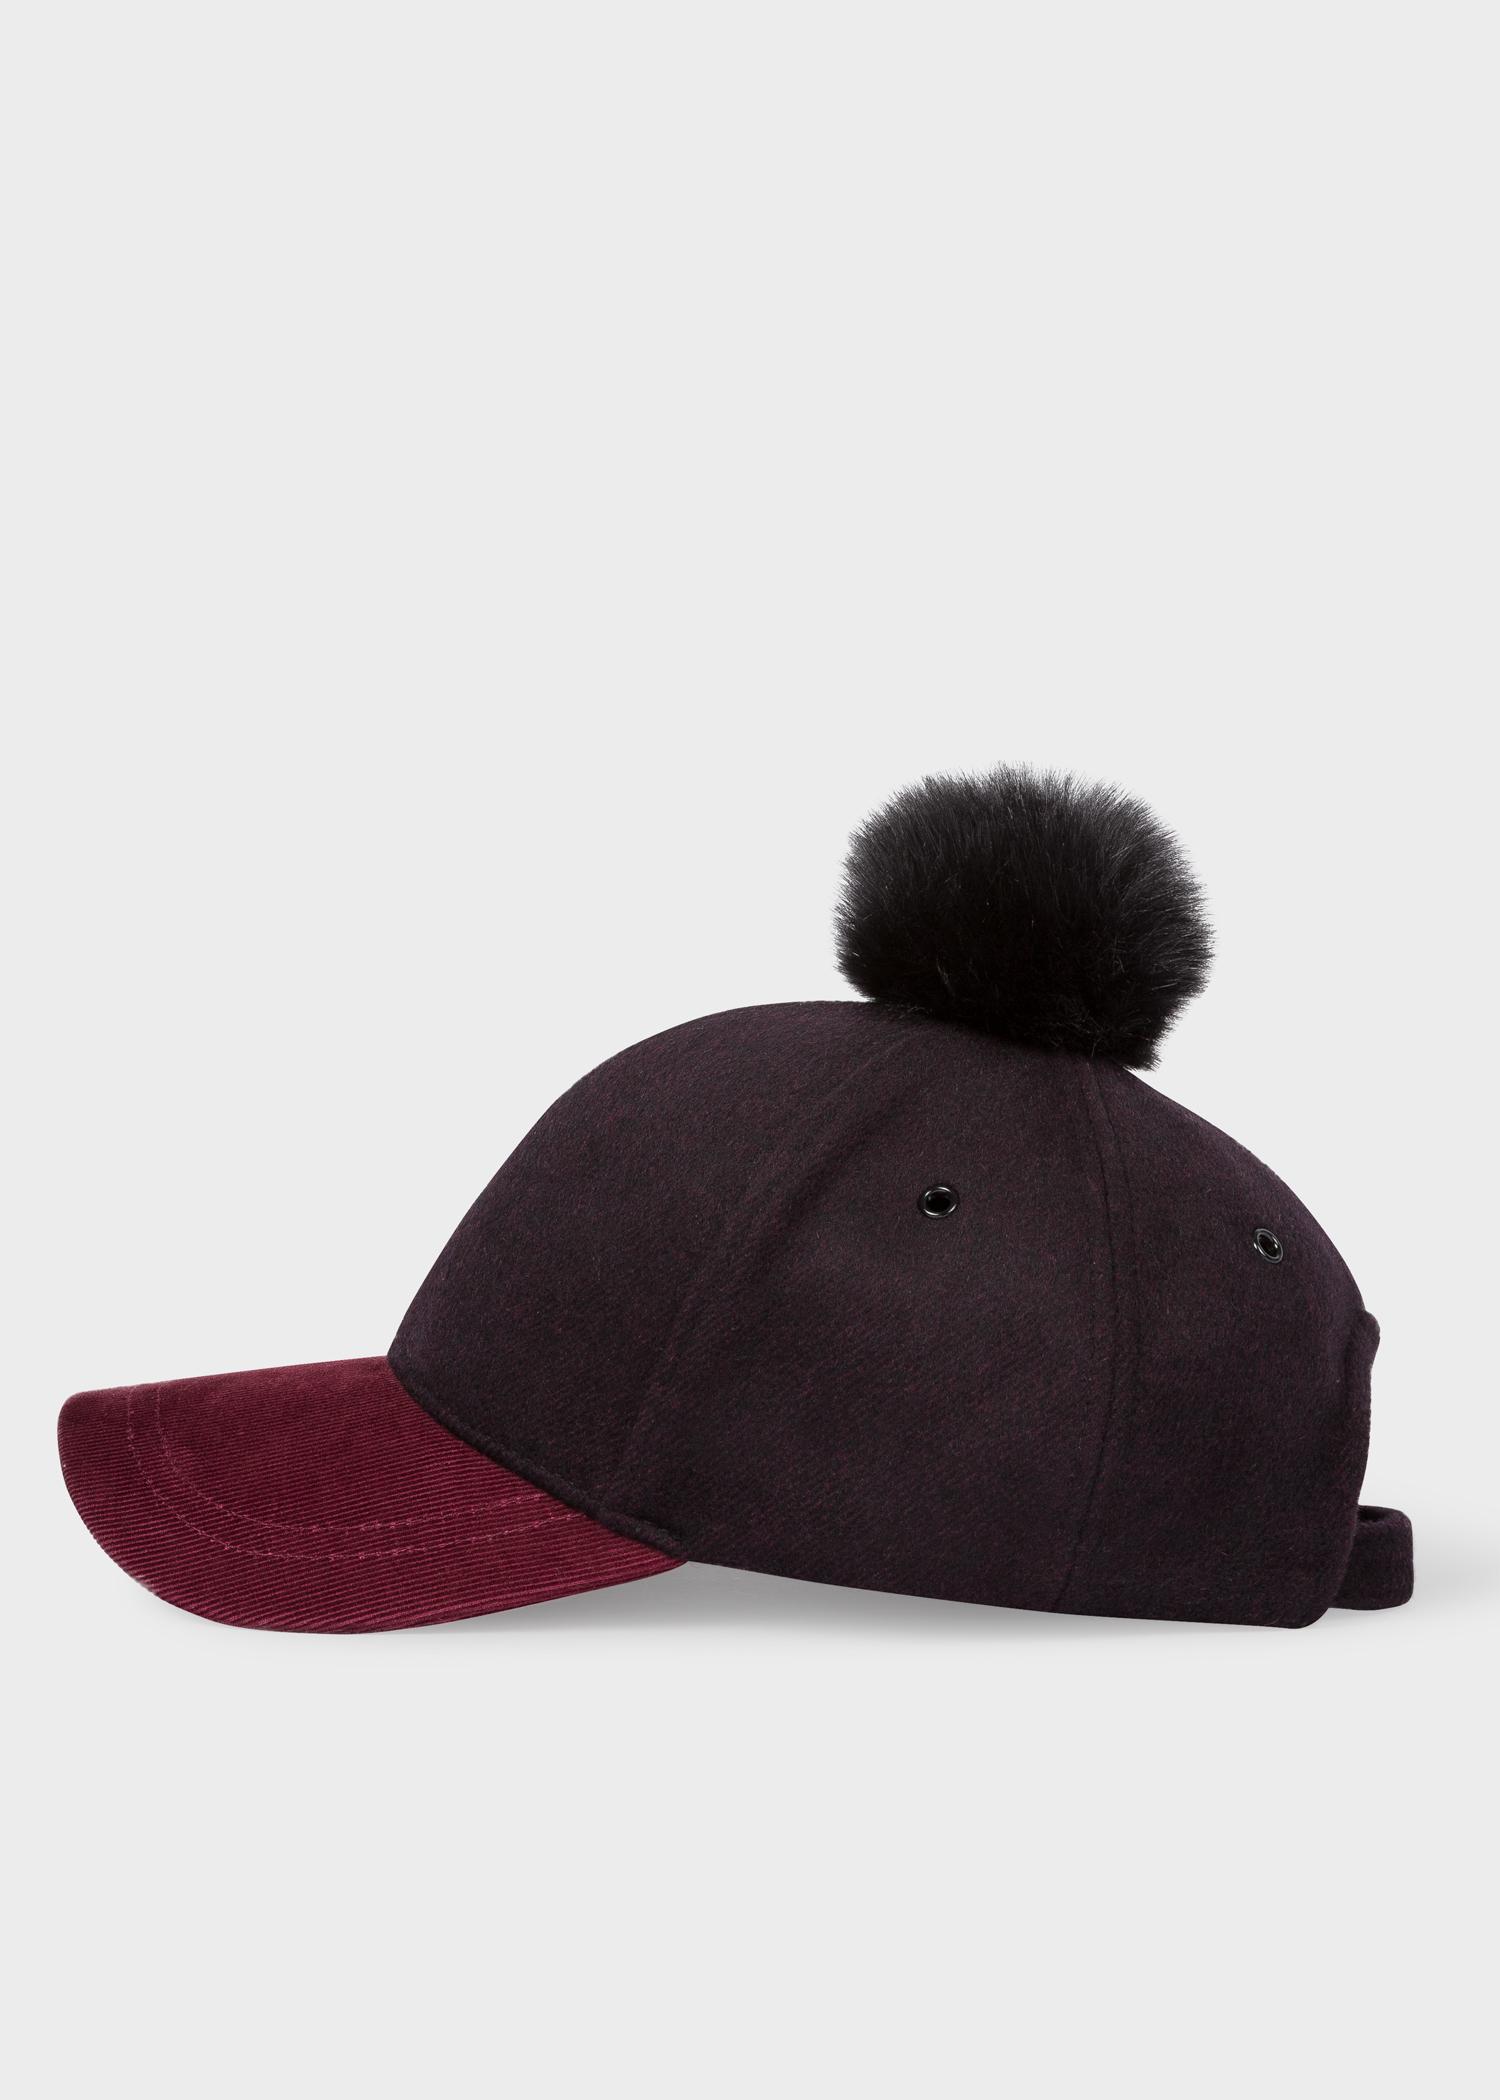 136a9f21052 Women s Black and Burgundy Wool Pom-Pom Cap - Paul Smith Australia